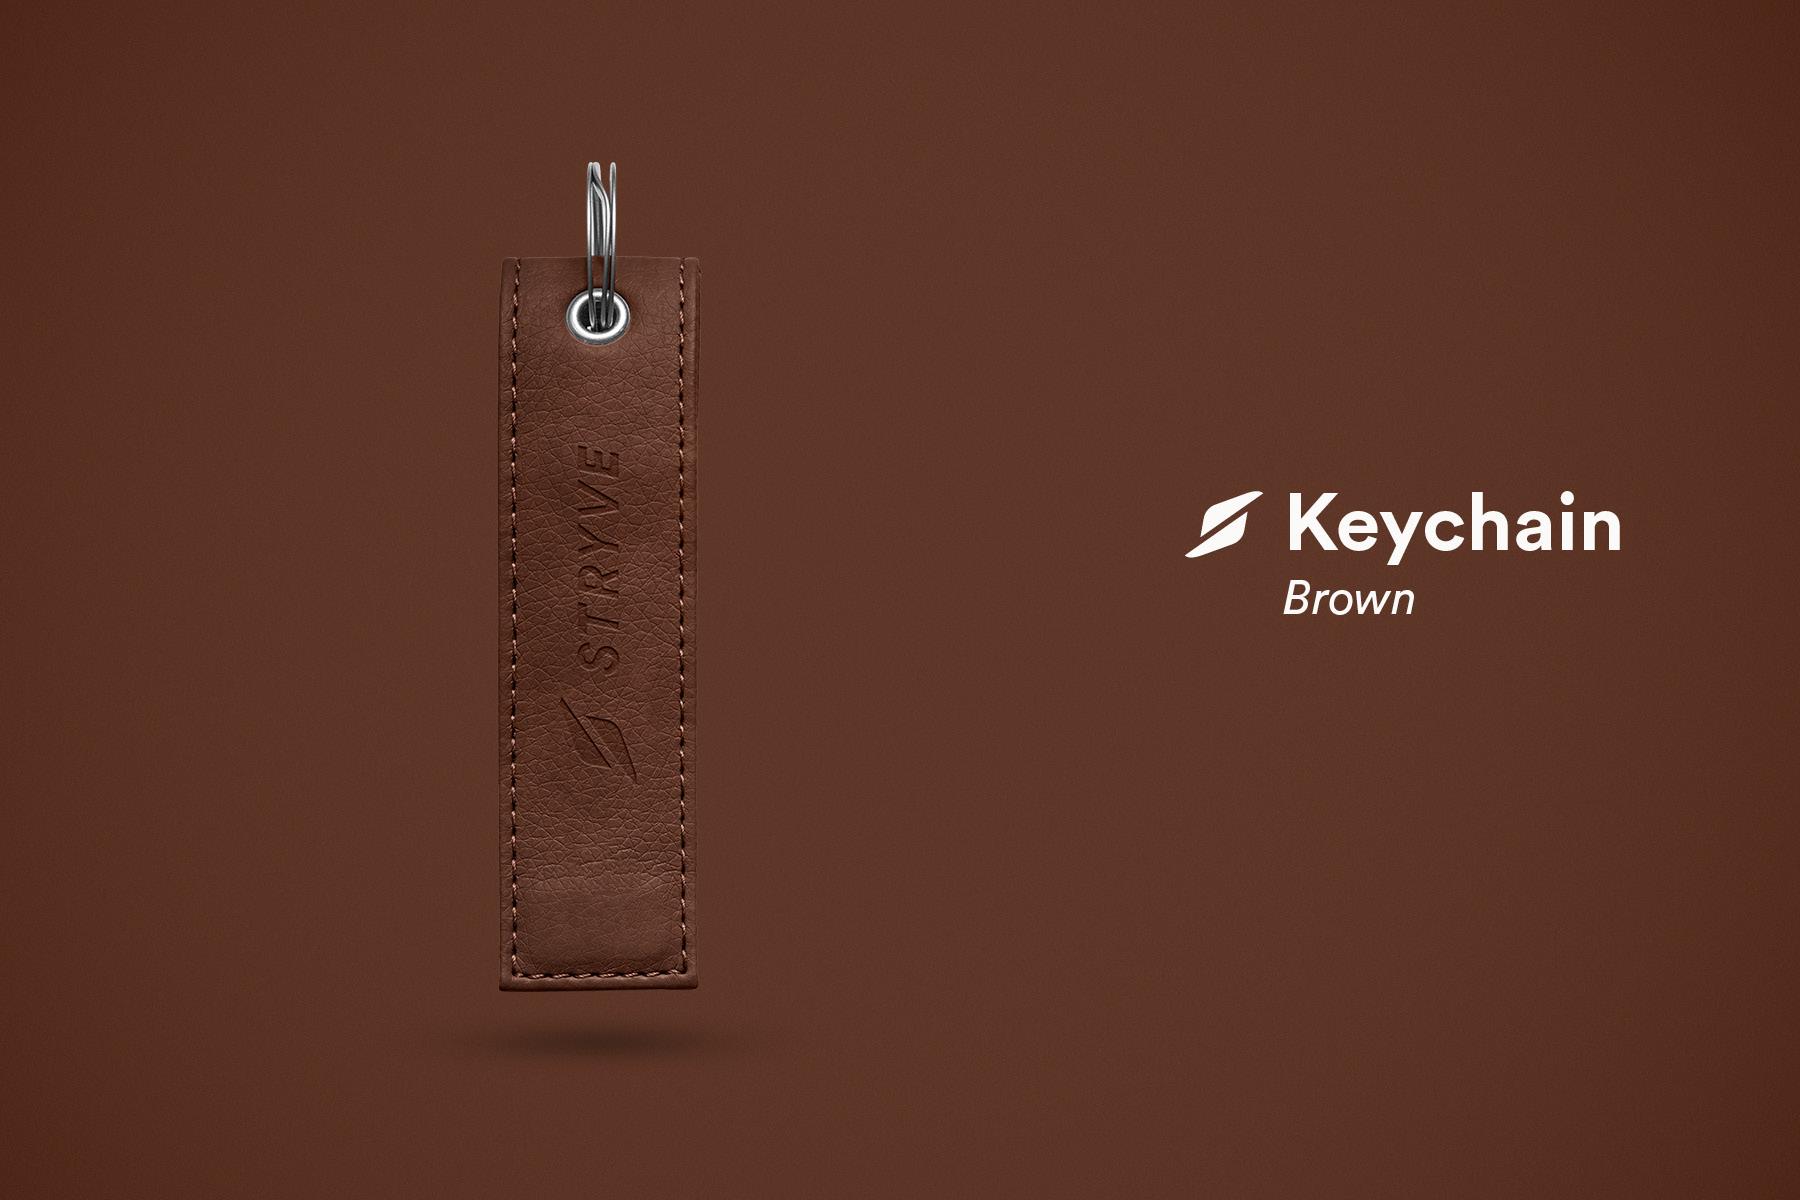 stryve-keychain-produktgestaltung-werbung